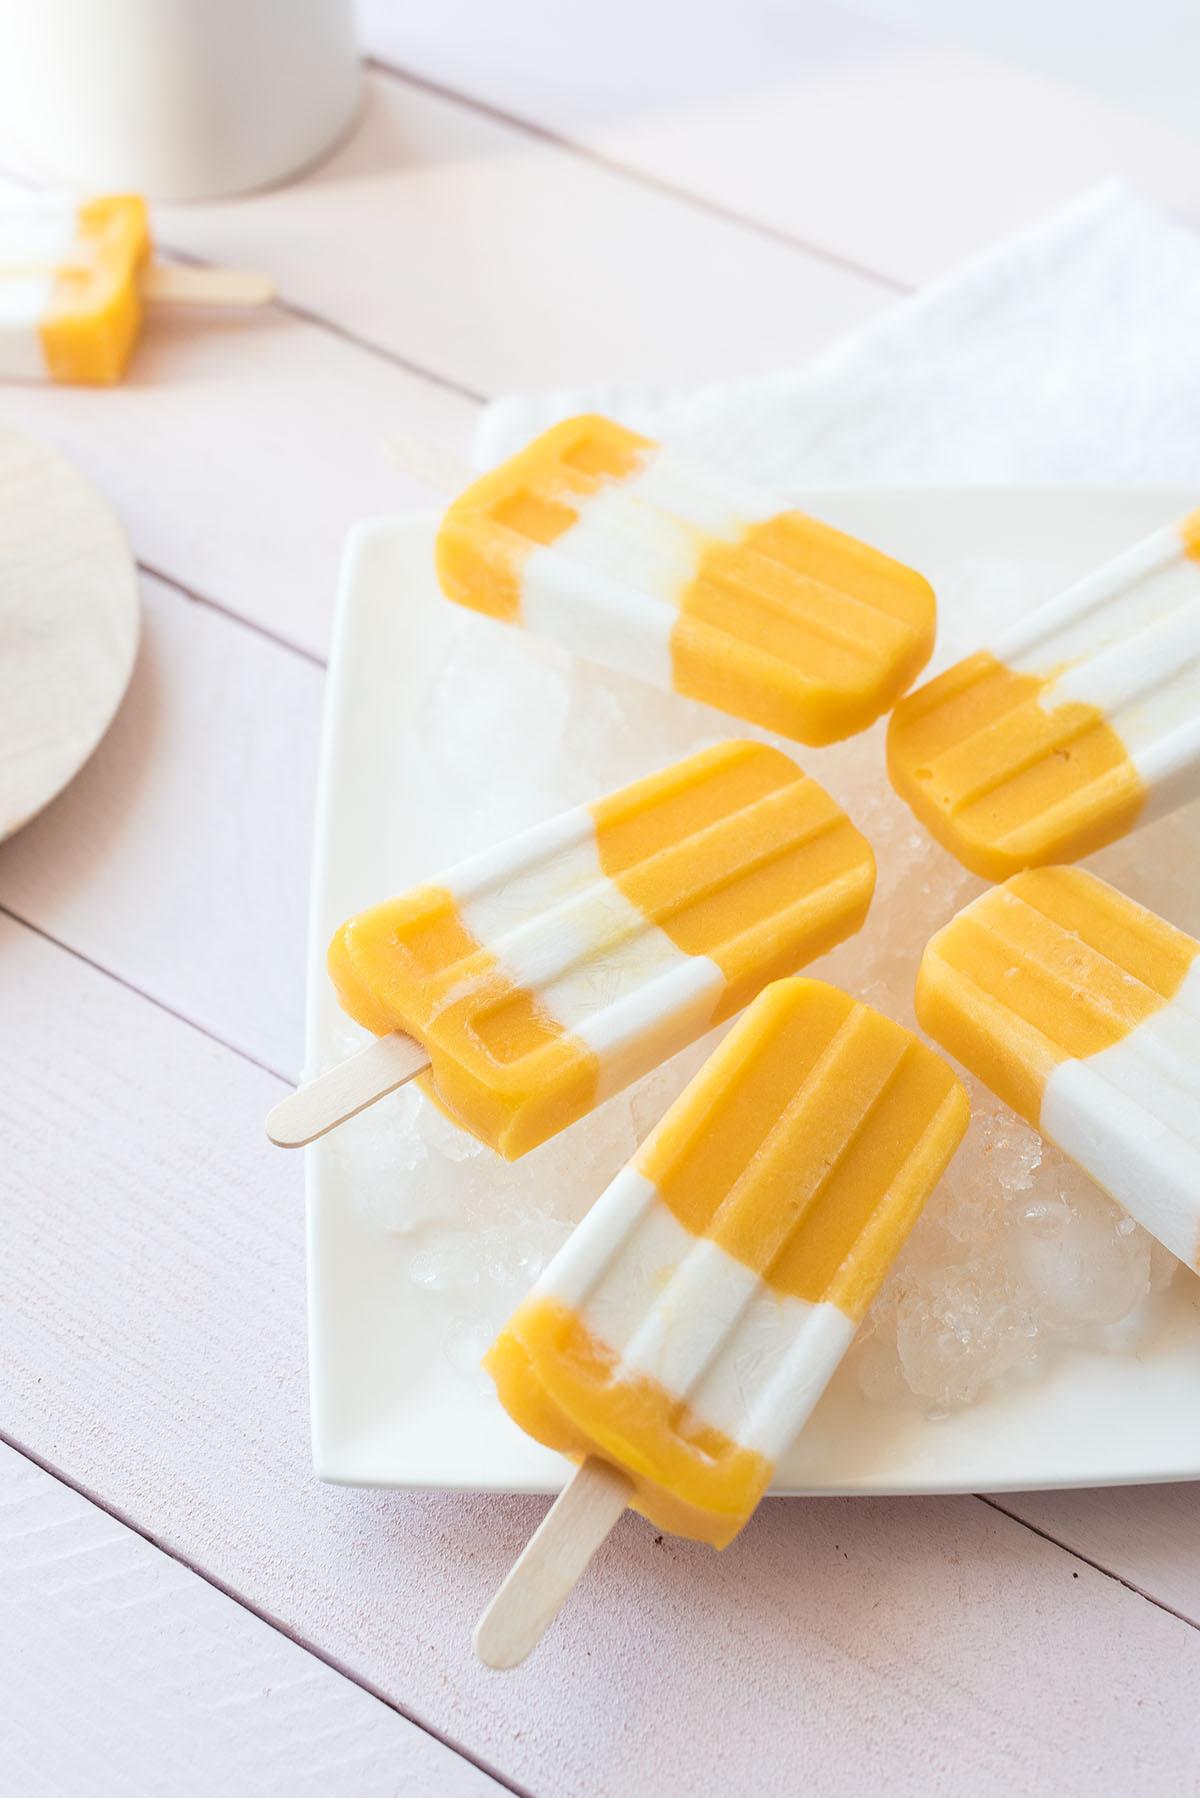 Batonnet glace mangue passion coco | Lilie Bakery